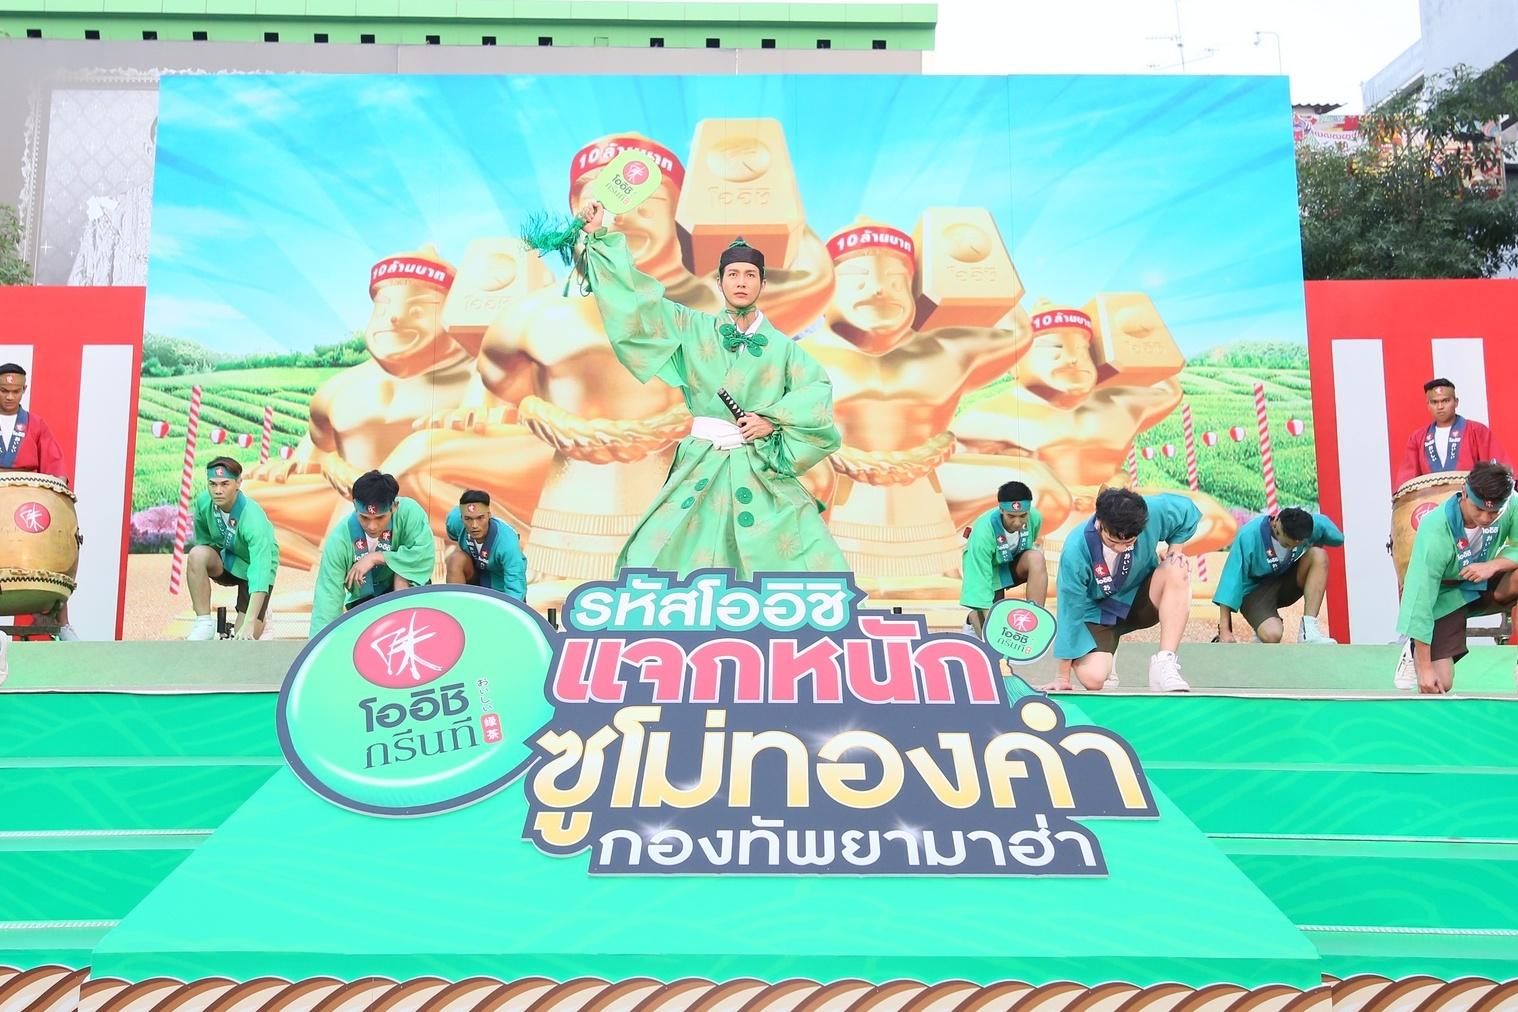 Push_oishi summer promotion